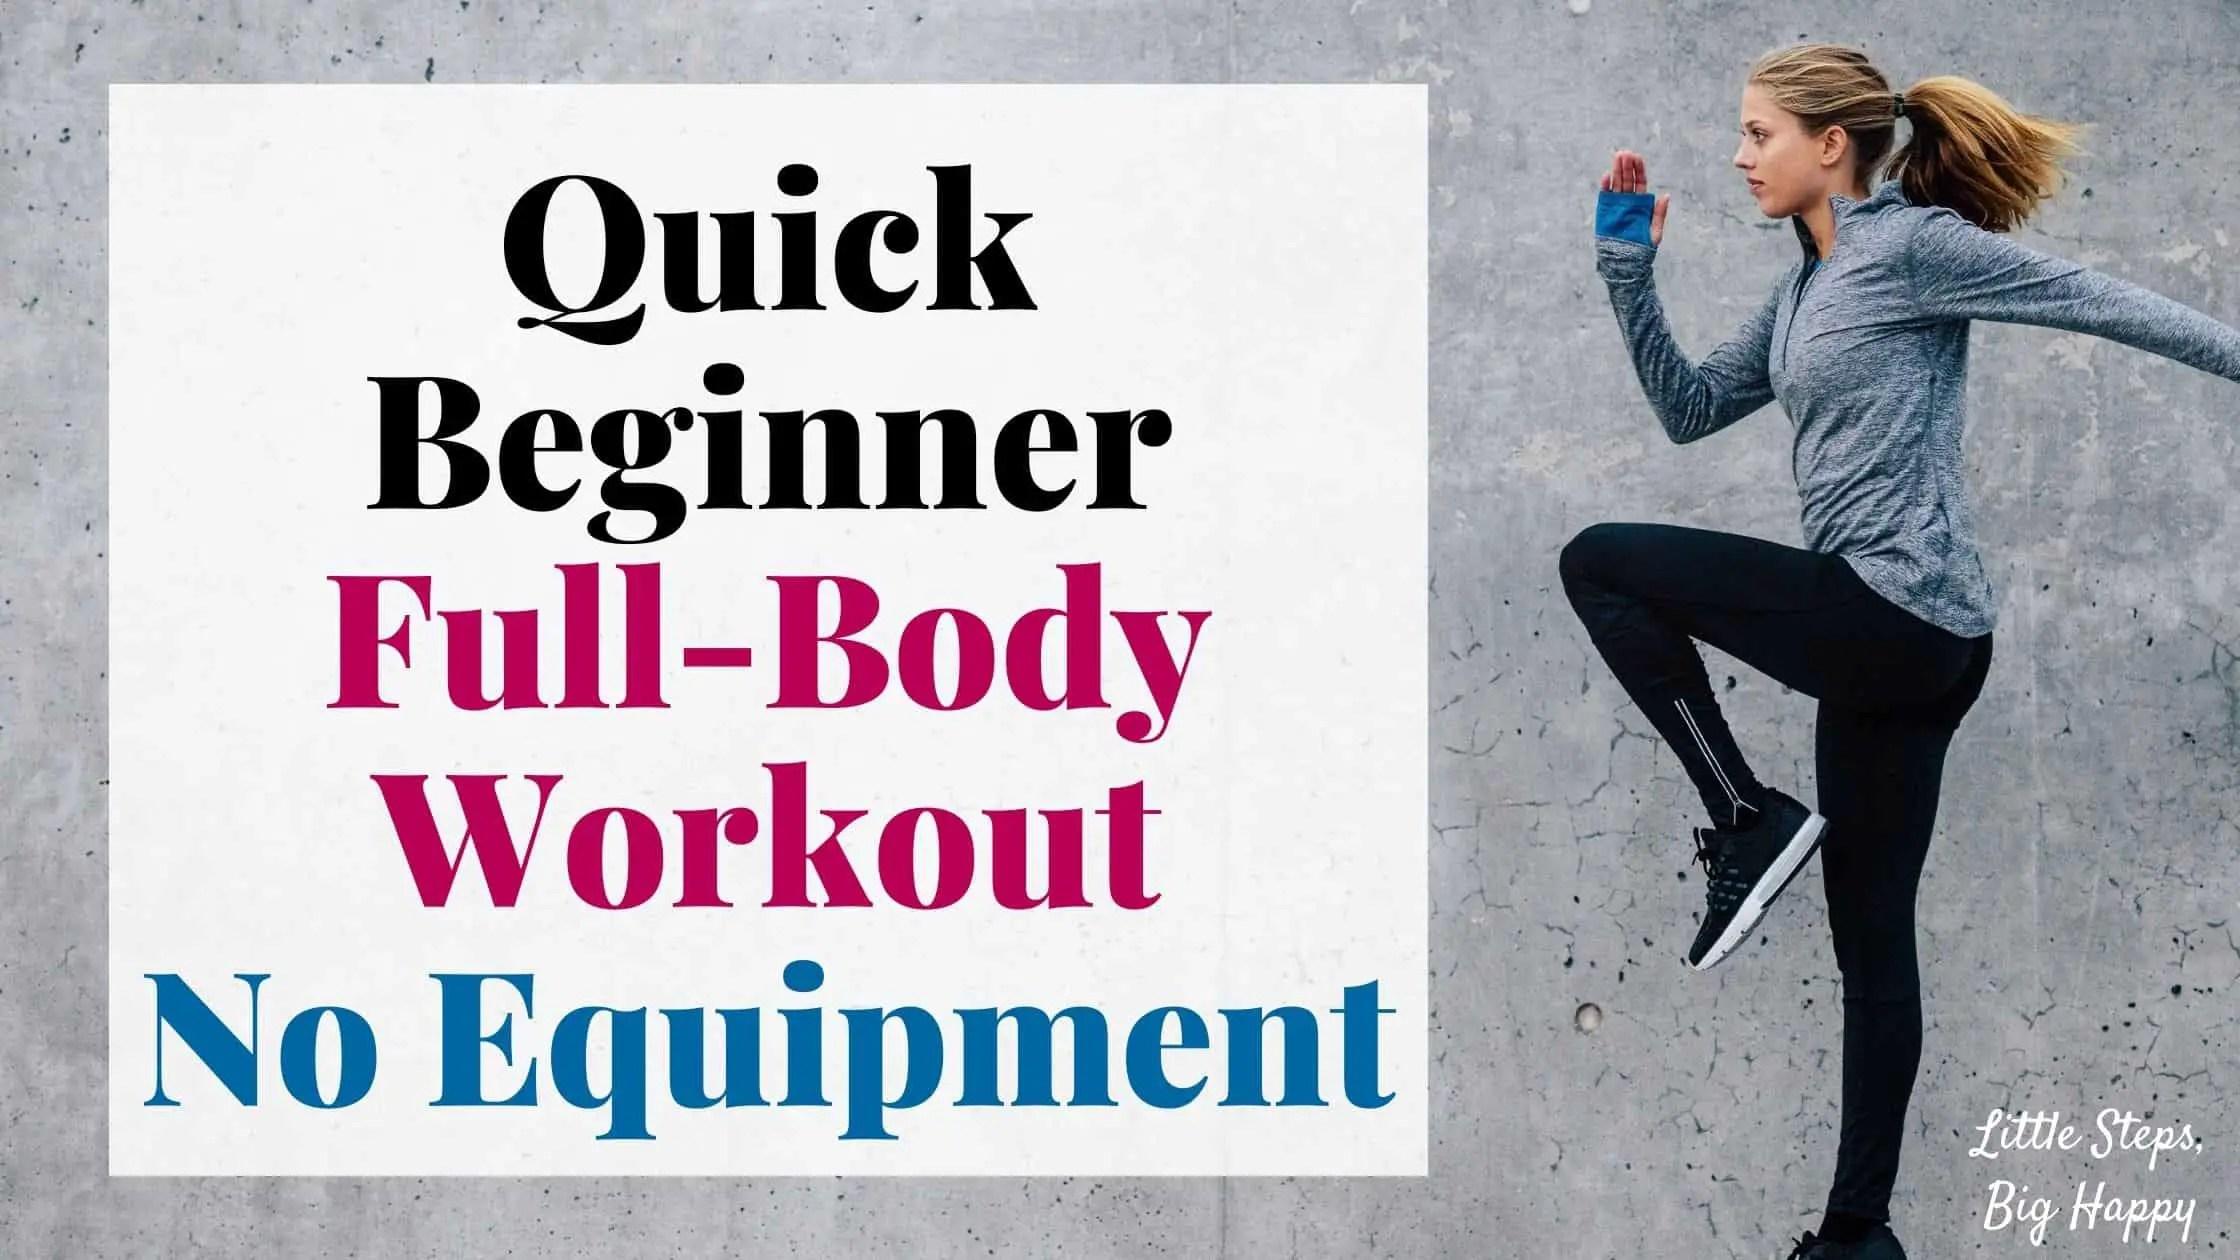 Quick Beginner Full-Body Workout - No Equipment